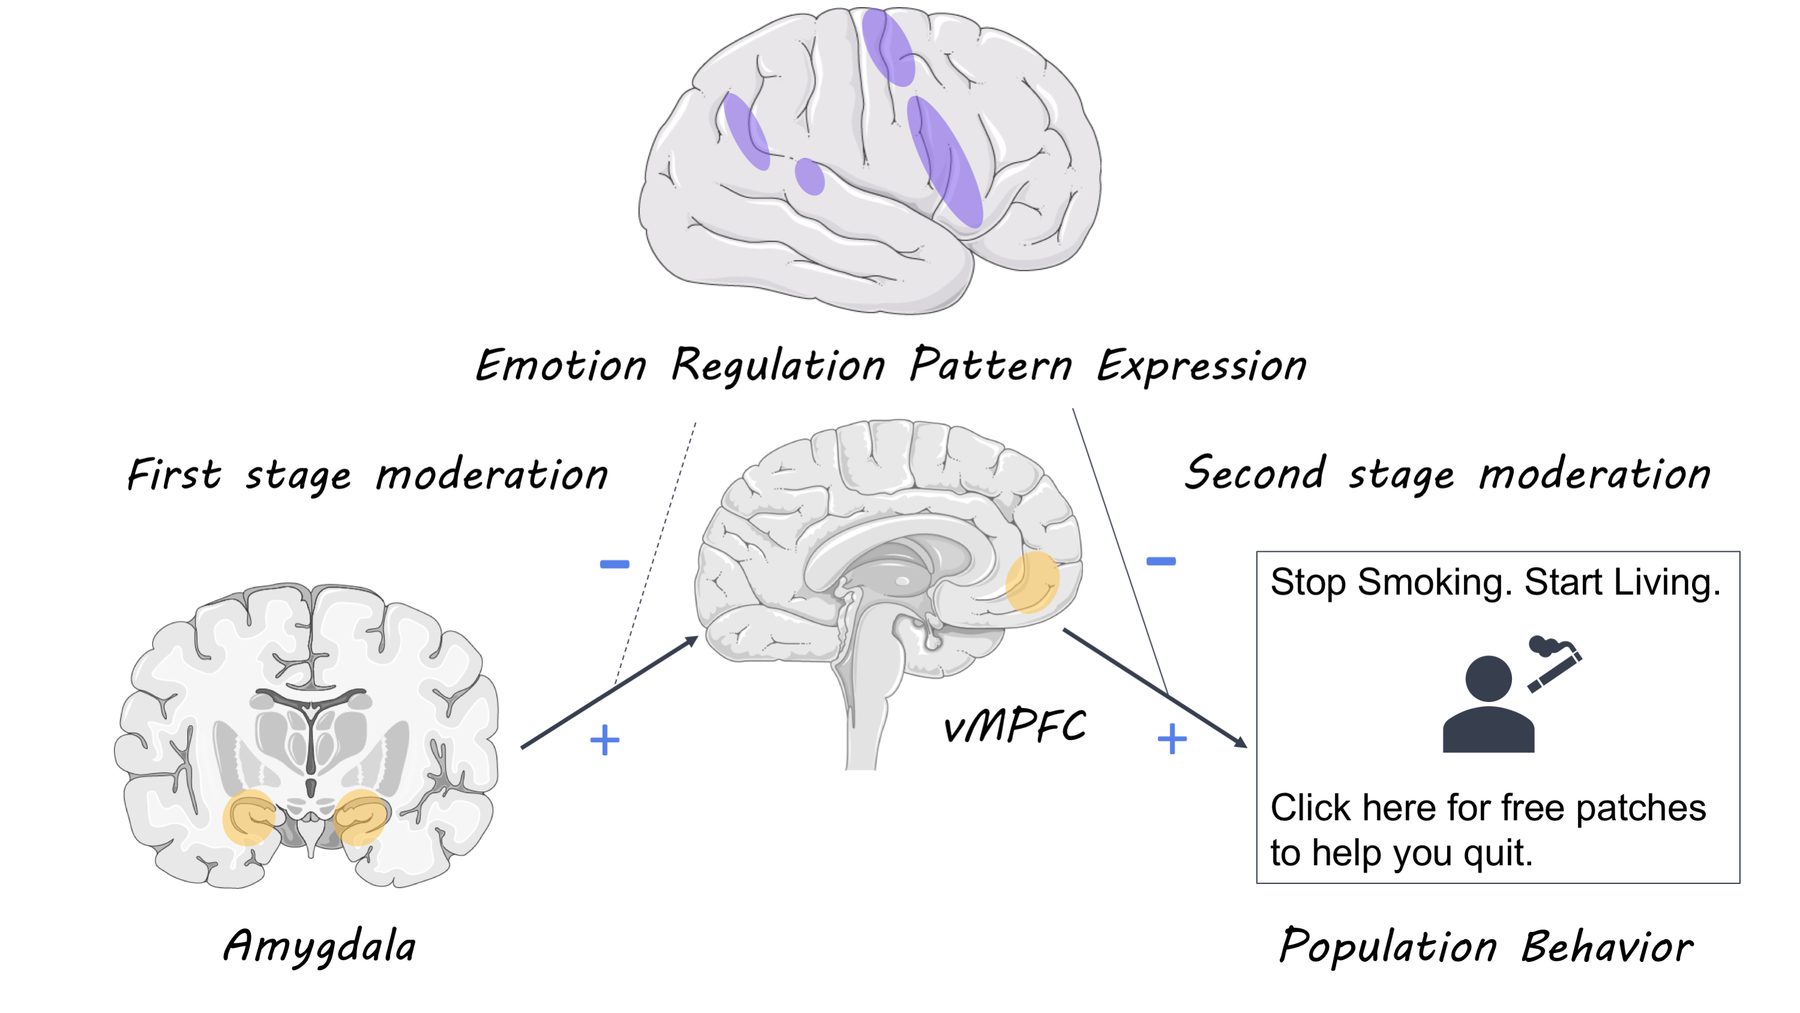 emotion_regulation_image.png